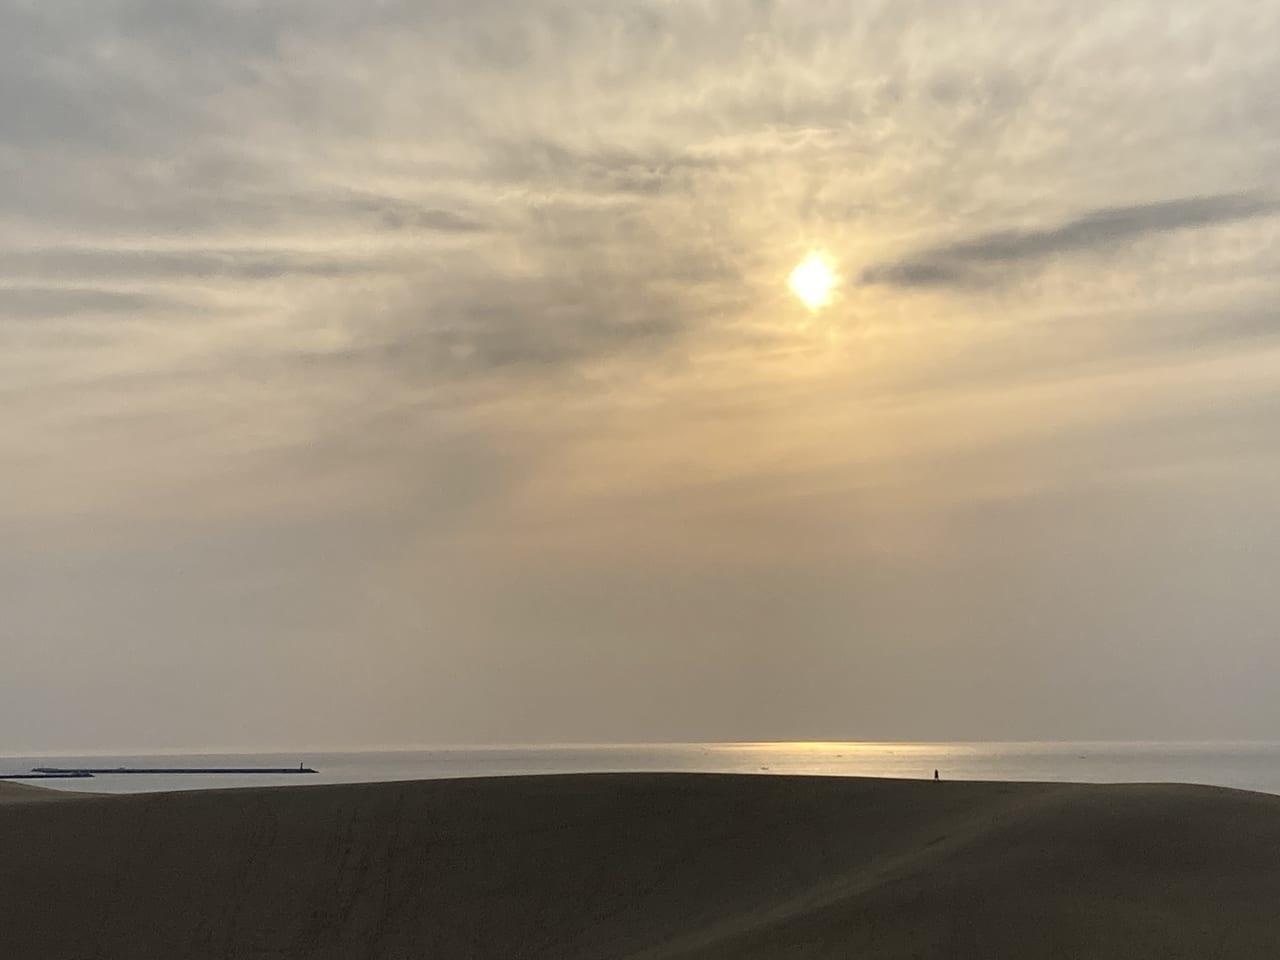 鳥取砂丘の馬の背から観る夕日